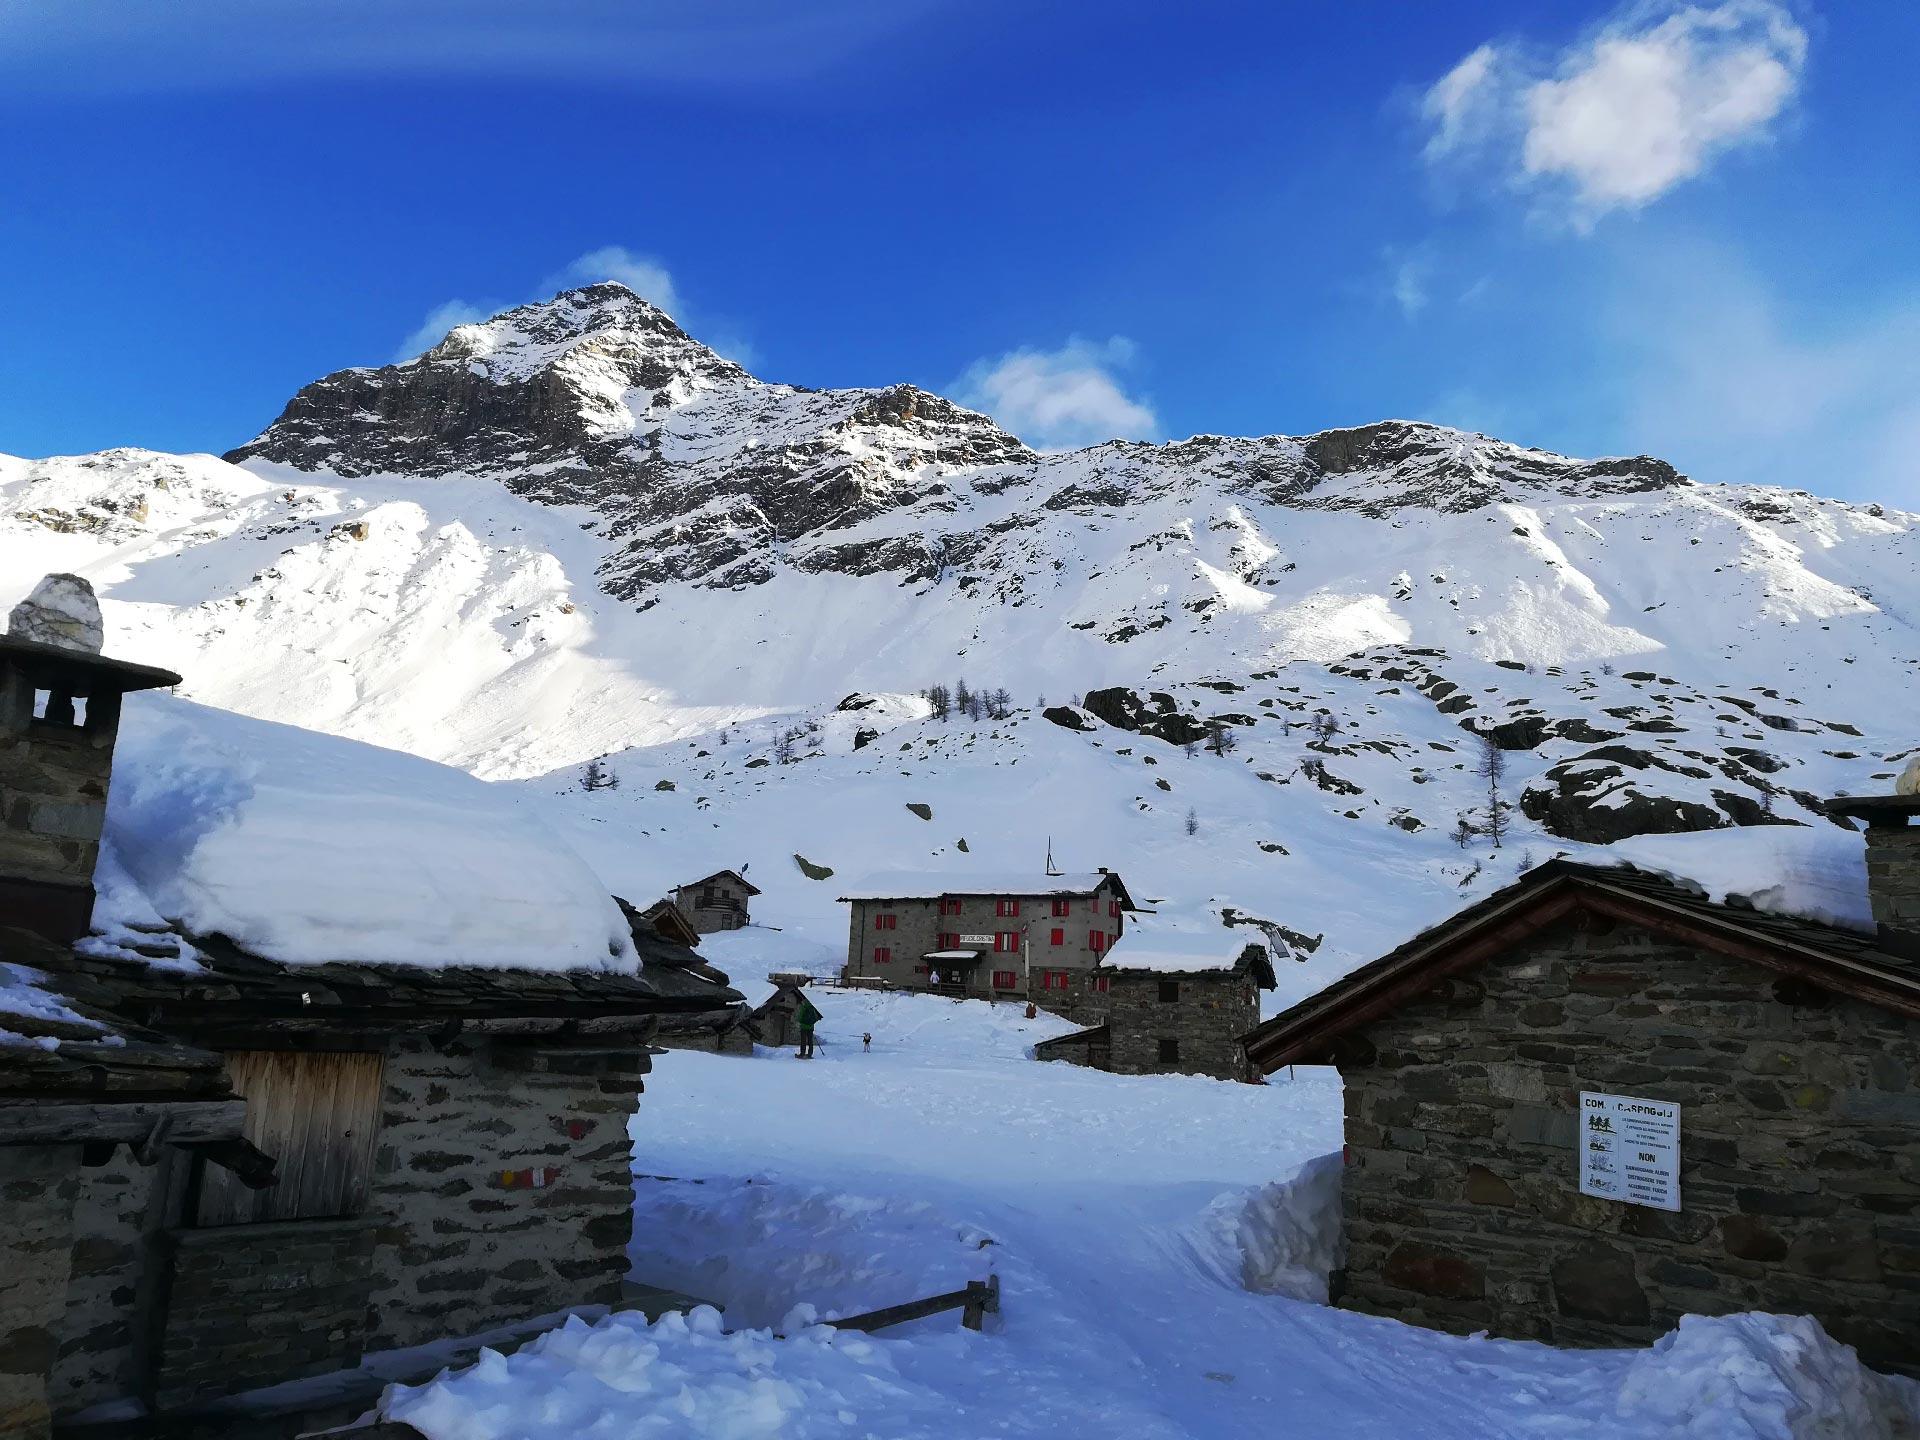 Rifugio Cristina, sullo sfondo il Pizzo Scalino, Valmalenco, Lombardia